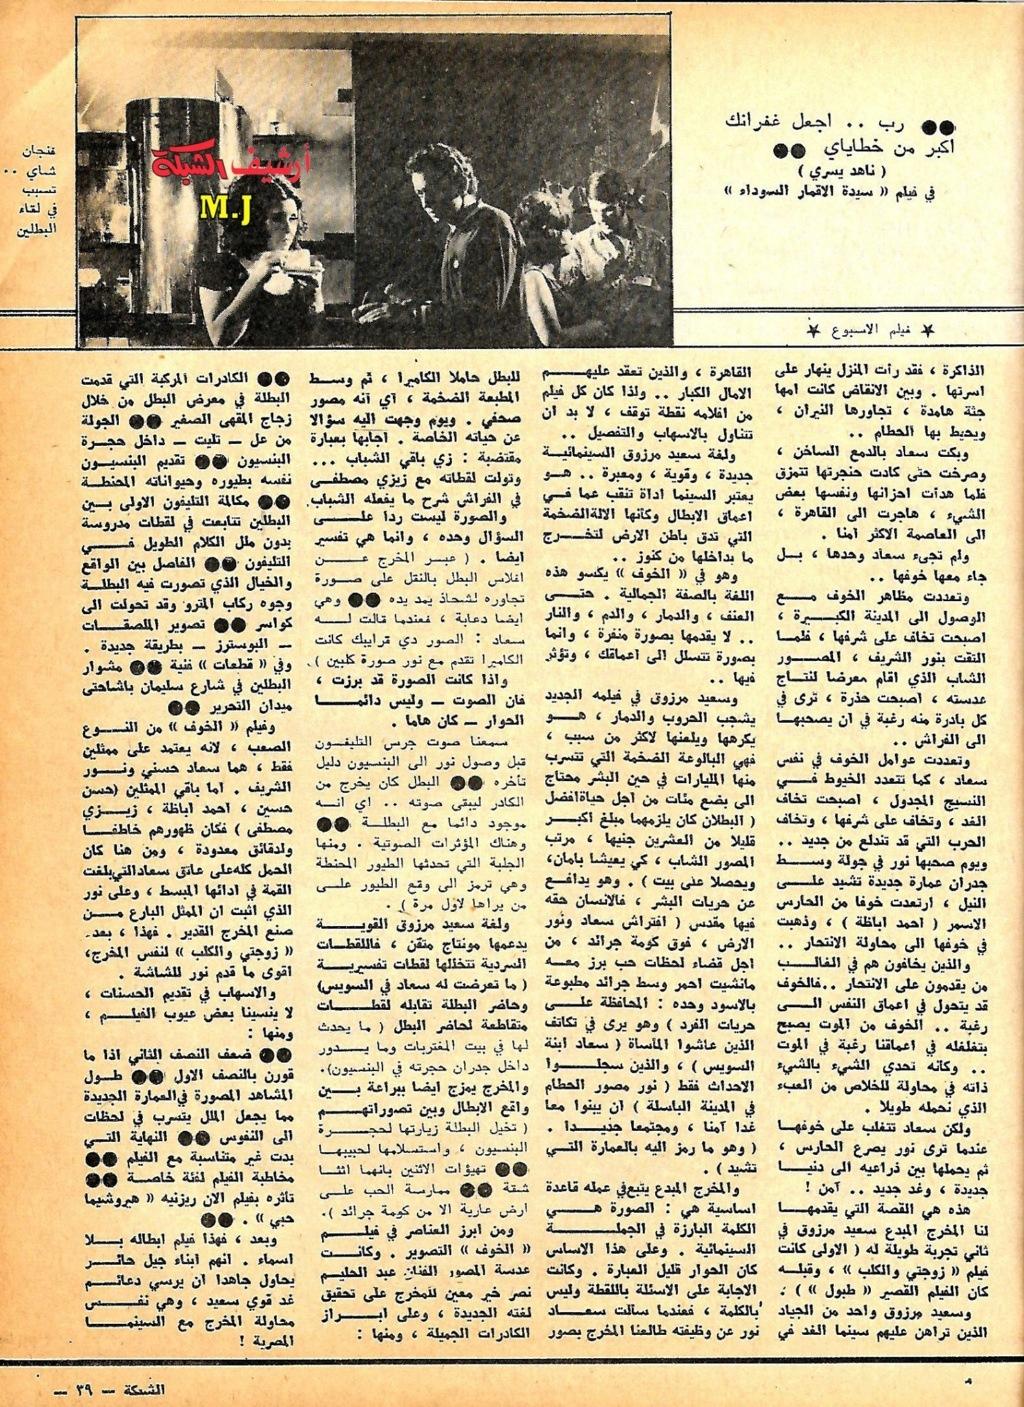 نقد صحفي : خطوة جديدة في أرض النجاح 1972 م 264